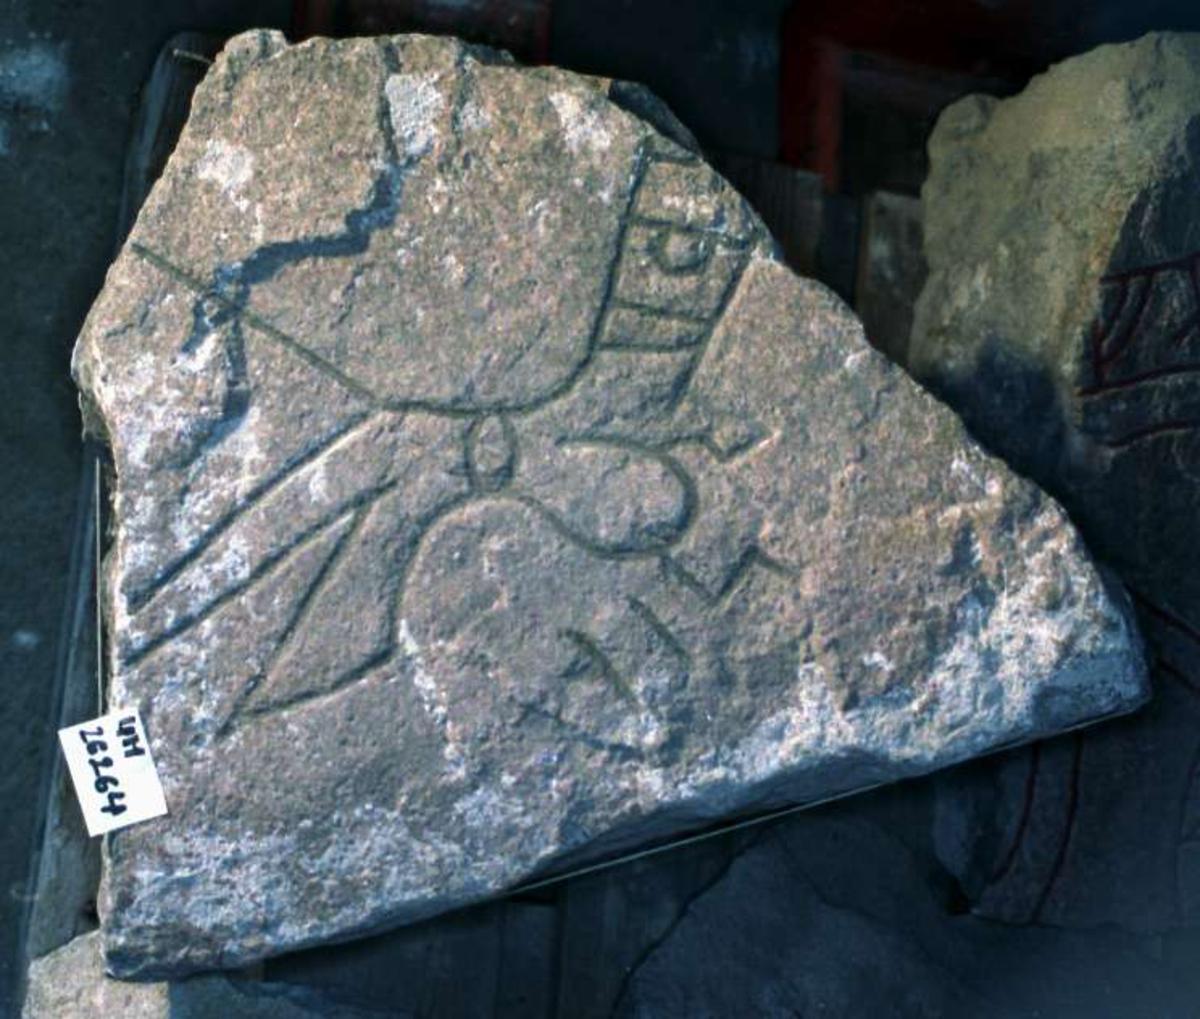 Tre fragment av runsten, av ljusröd, medelkornig granit. Kvarsittande medeltida bruk visar att fragmenten använts som byggnadsmaterial. 1. Runristat fragment av ljusröd, grovkornig granit, storlek 65 x 22 cm, tjocklek 40 cm. Runornas höjd 6 - 7 cm. Fragmentet har, enligt Gustavson (Fornvännen 1977) sannolikt utgjort en del av vänstersidan i en runsten. Kvarsittande medeltida bruk visar att fragmentet har använts som byggnadsmaterial. Inskrift: ... stain eftir... (sten efter). 2. Runristat fragment av ljusröd, medelkoring granit. Storlek 50 x 47 cm, tjocklek 43 cm. Runornas höjd 5 - 7 cm. Kvarsittande medeltida bruk visar att fragmentet har använts som byggnadsmaterial. Inskrift: ....-bur sin... (sannolikt broder sin). 3. Runristat fragment av rödaktig granit. Mått: 29x11 cm. runhöjd 6,5 cm. Inskrift: ...ih....